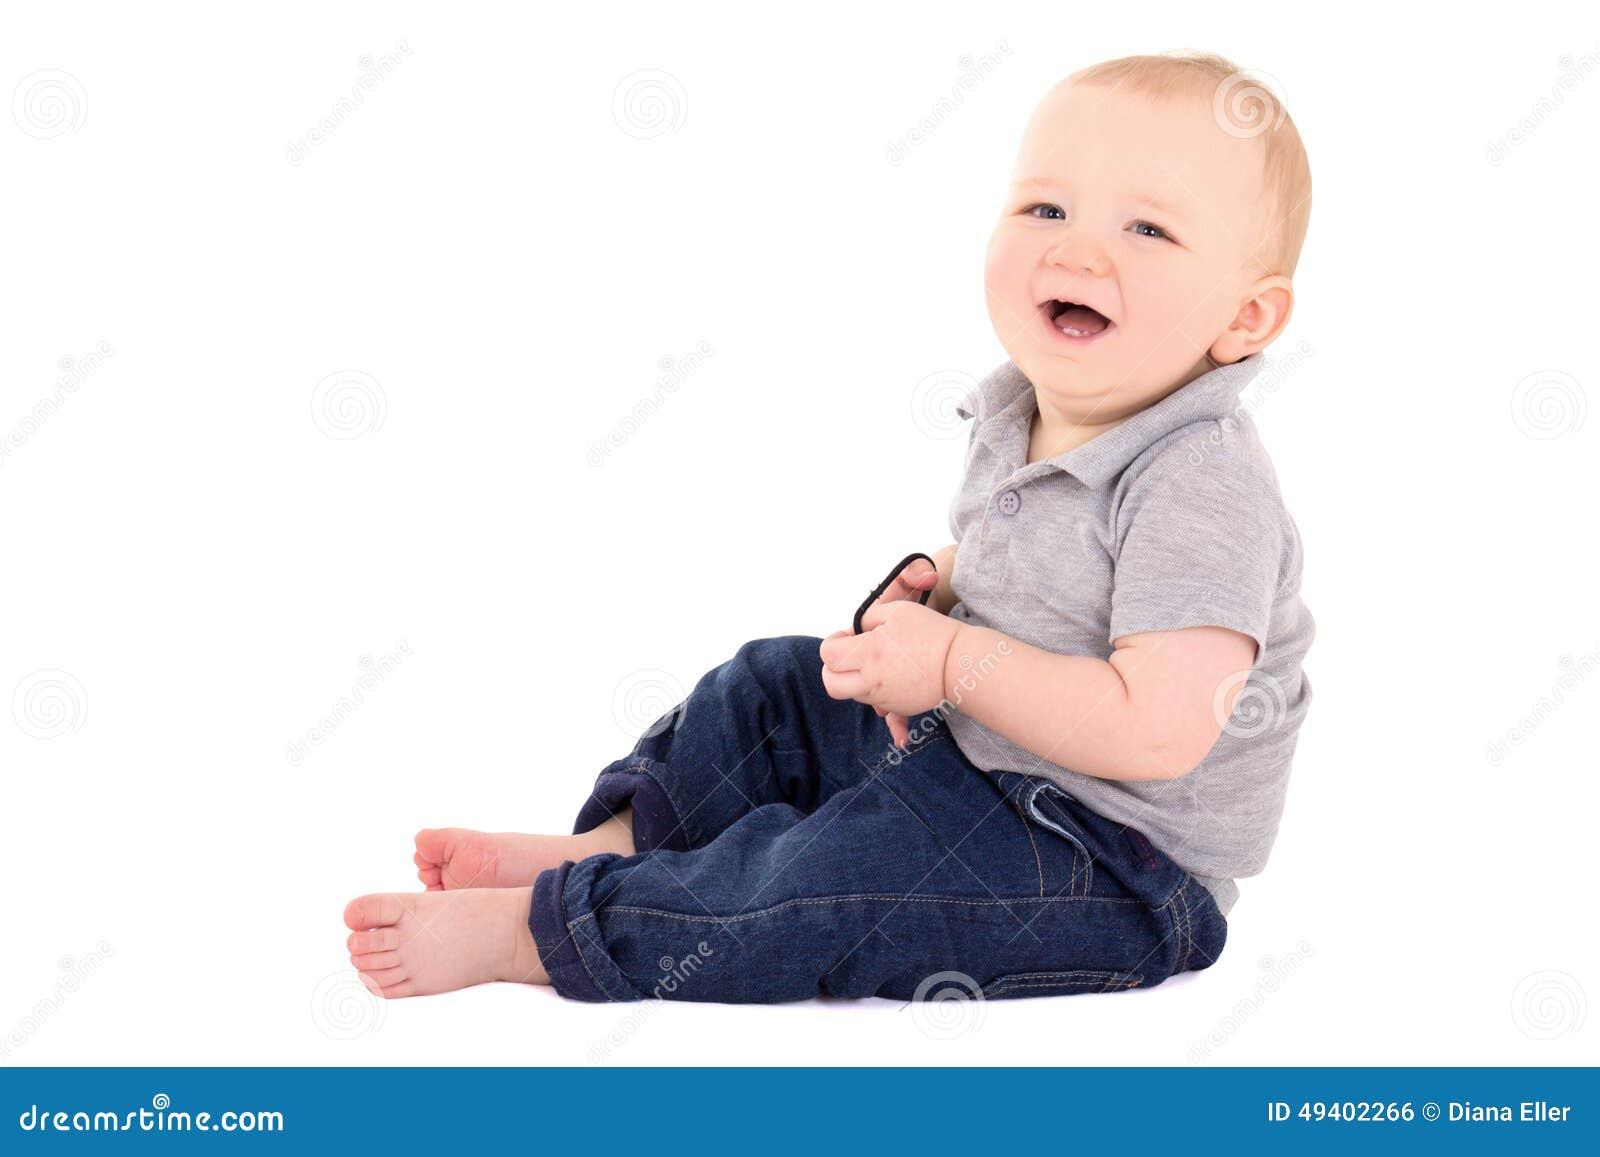 Download Lustiges Wenig Babykleinkindlachen Lokalisiert Auf Weiß Stockfoto - Bild von freude, jeans: 49402266